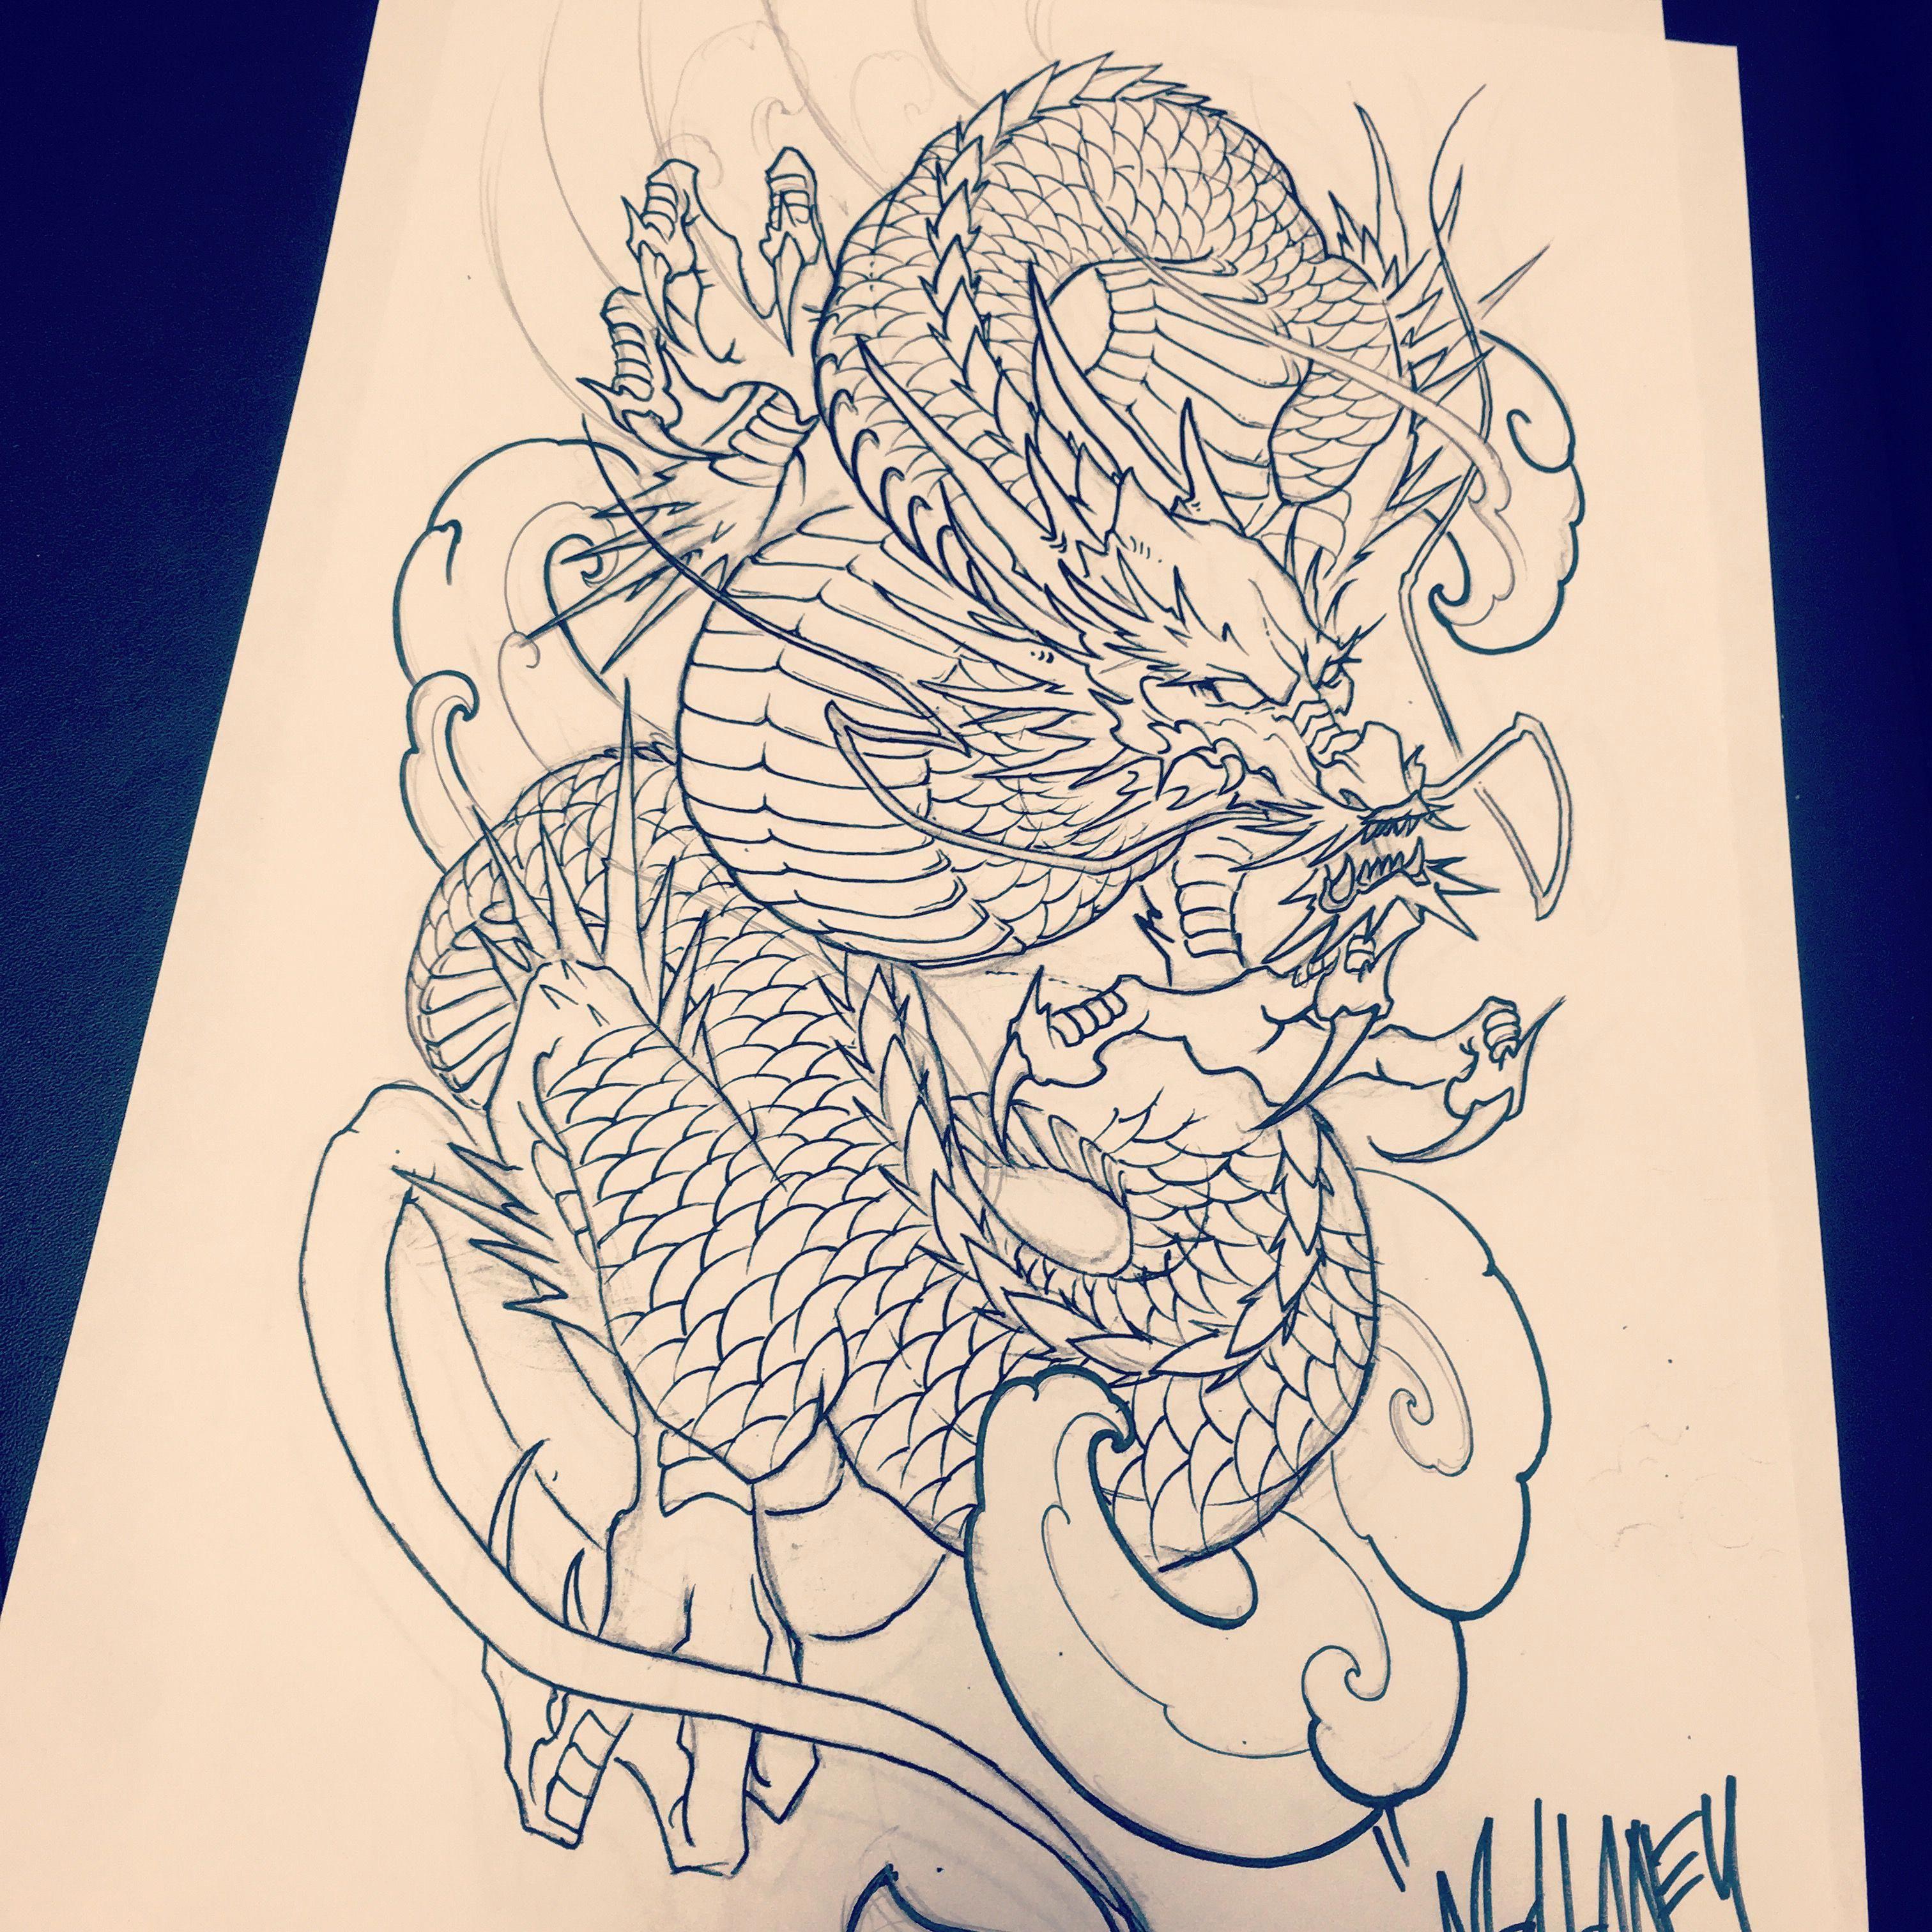 Japanese Tattoo Designs Sleeve Japanesetattoos In 2020 Dragon Tattoo Sketch Japanese Dragon Tattoos Dragon Tattoo Arm